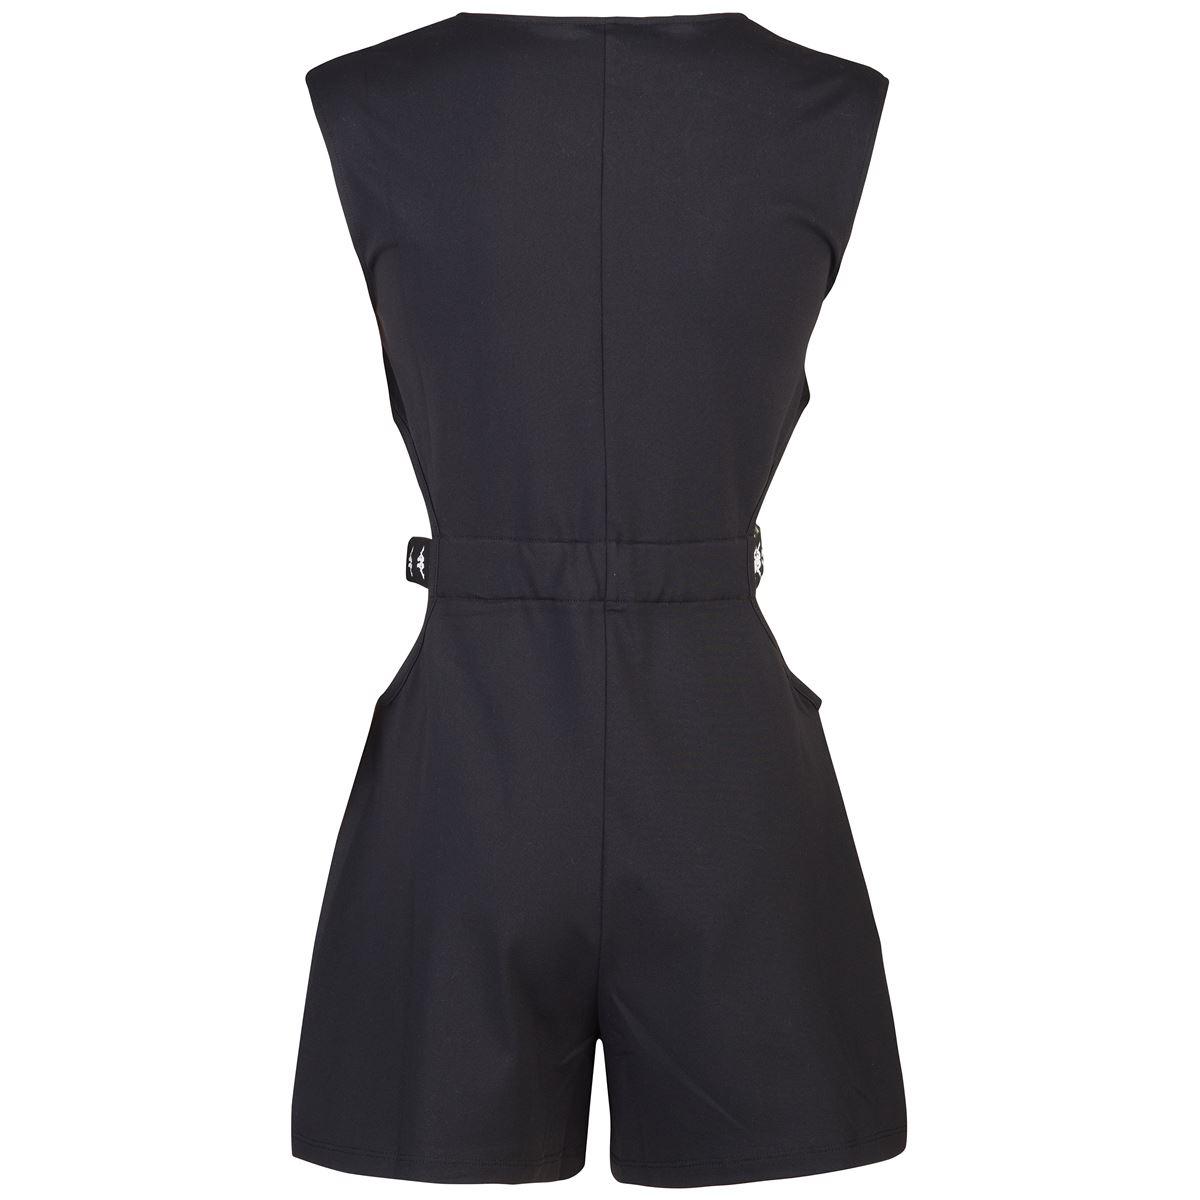 Top da donna in jersey elasticizzato Kappa | Tute | 3117DKWBZB BLACK-WHITE-BLACK